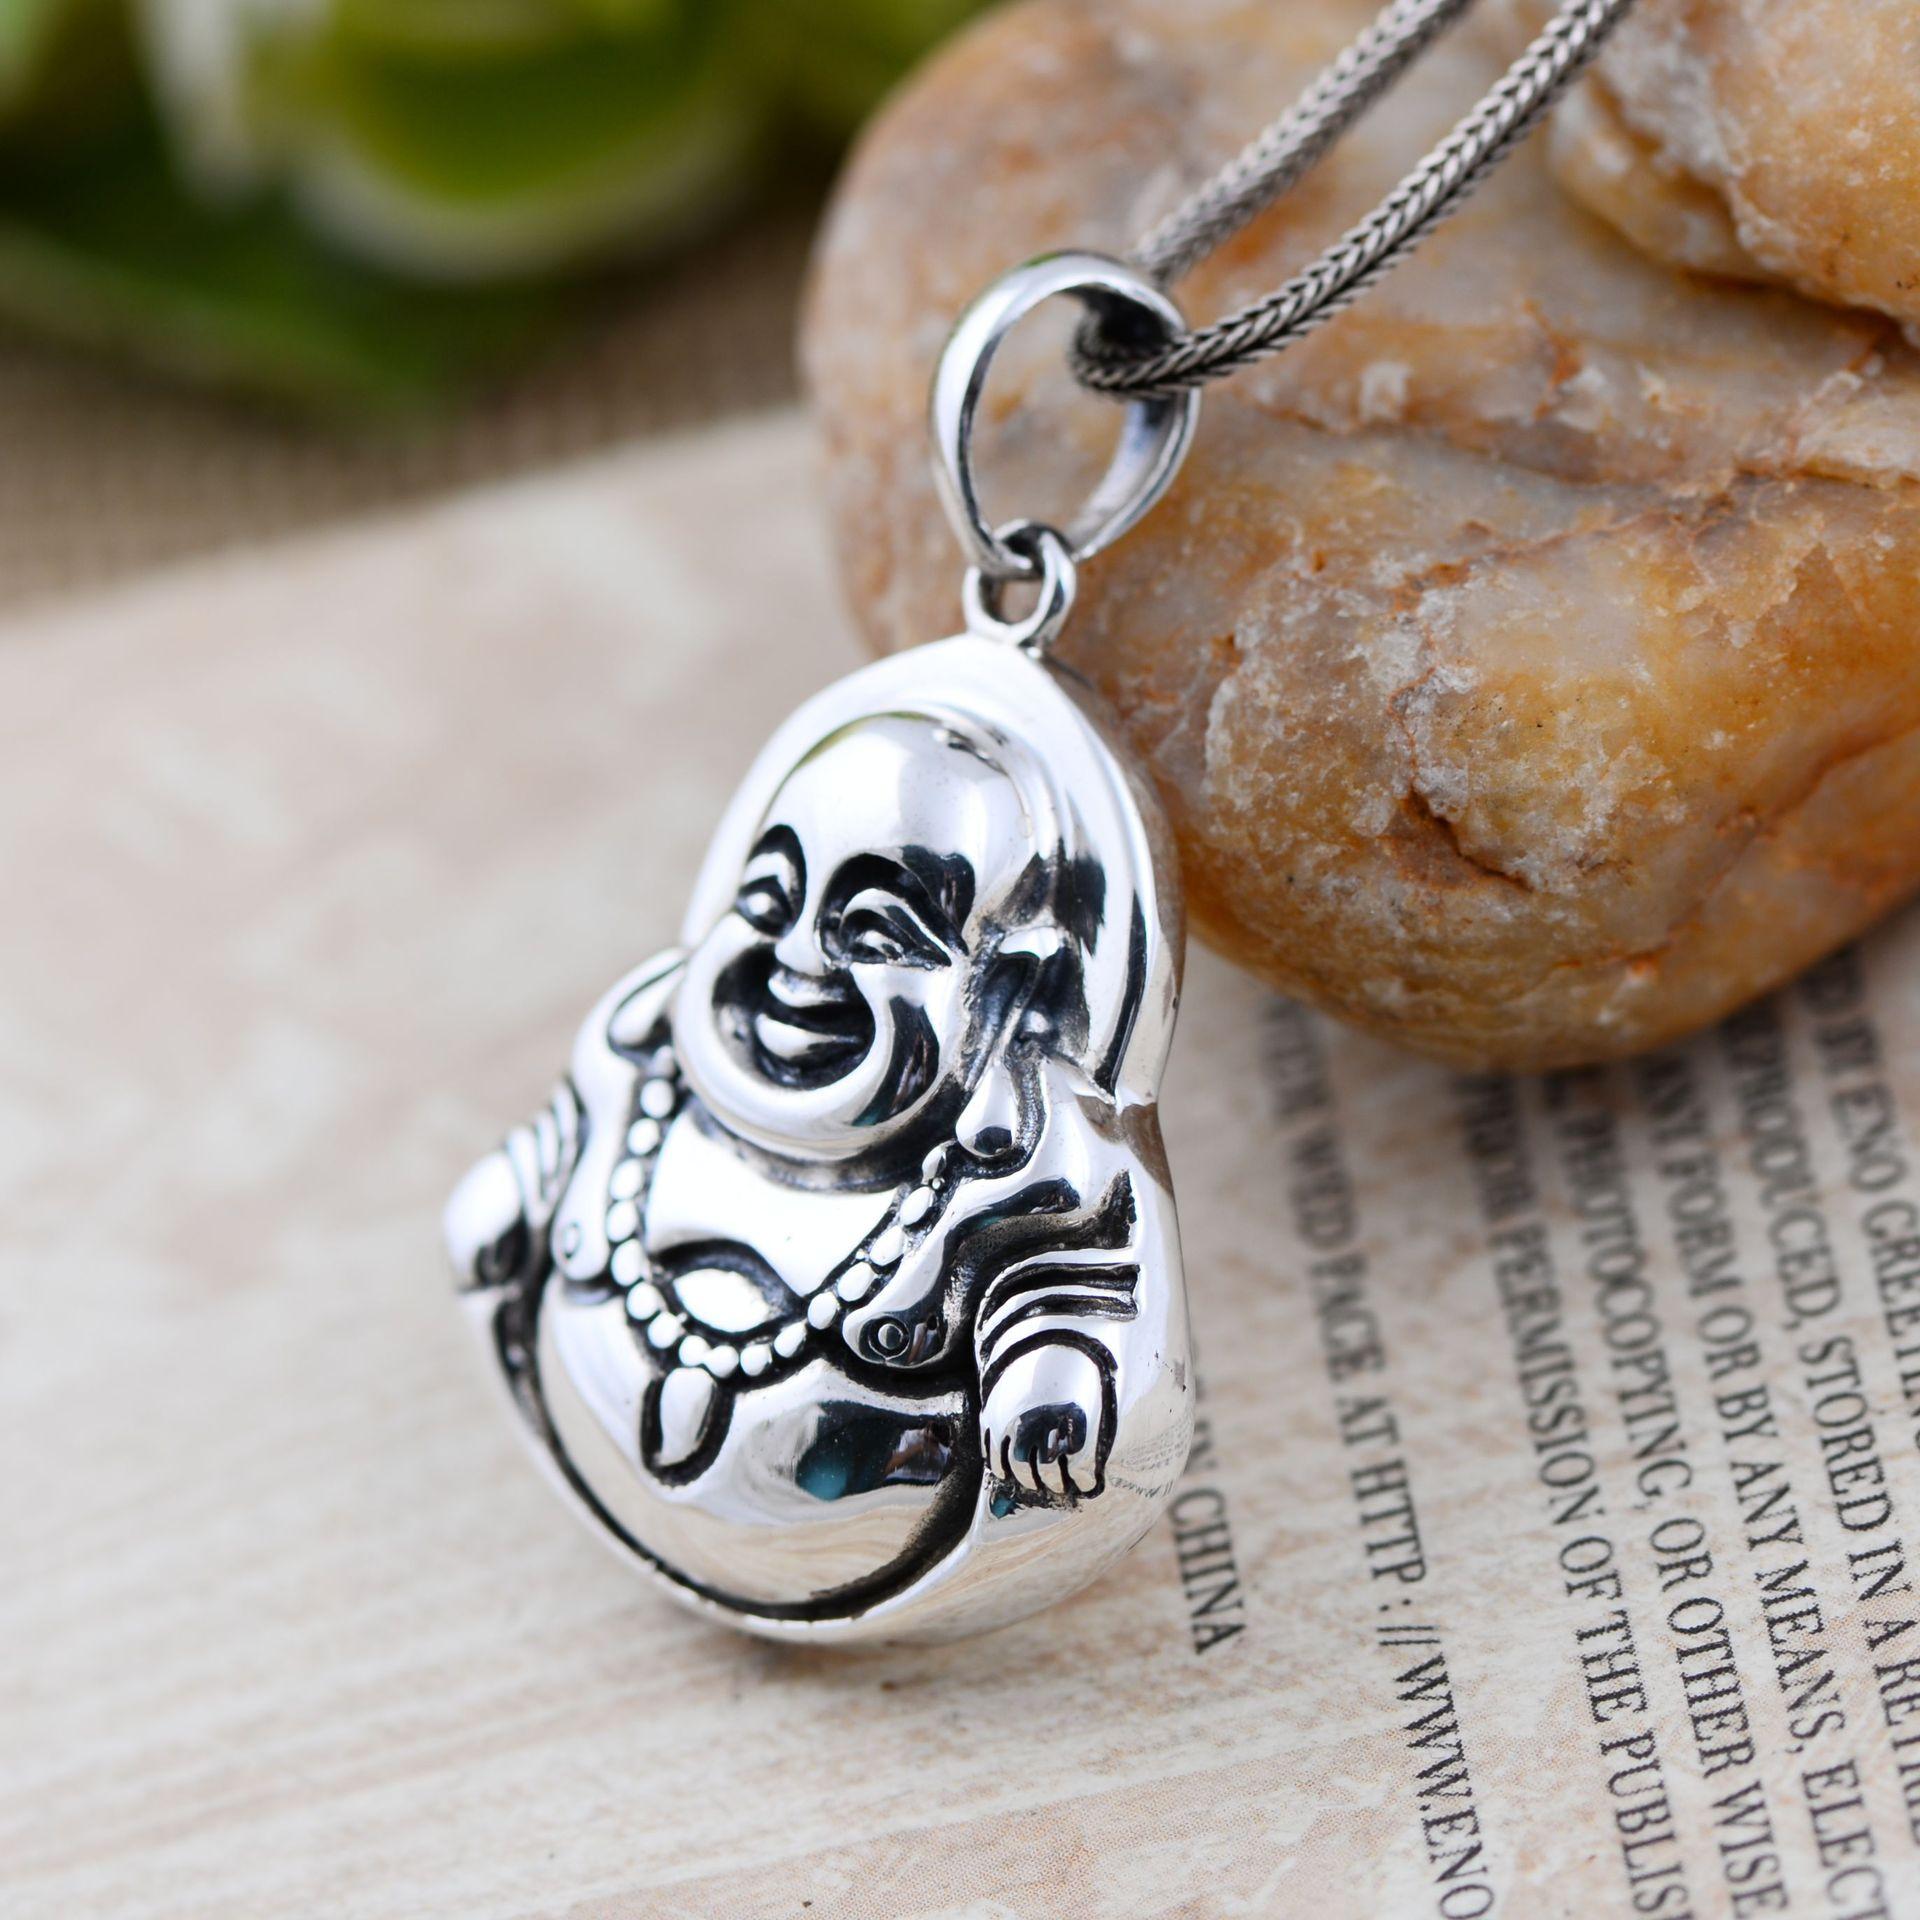 Винтаж реальные 925 пробы Серебряные ювелирные изделия тайский Майтрейя матовая Смеющийся Будда кулон для Для мужчин и Для женщин Благослов...